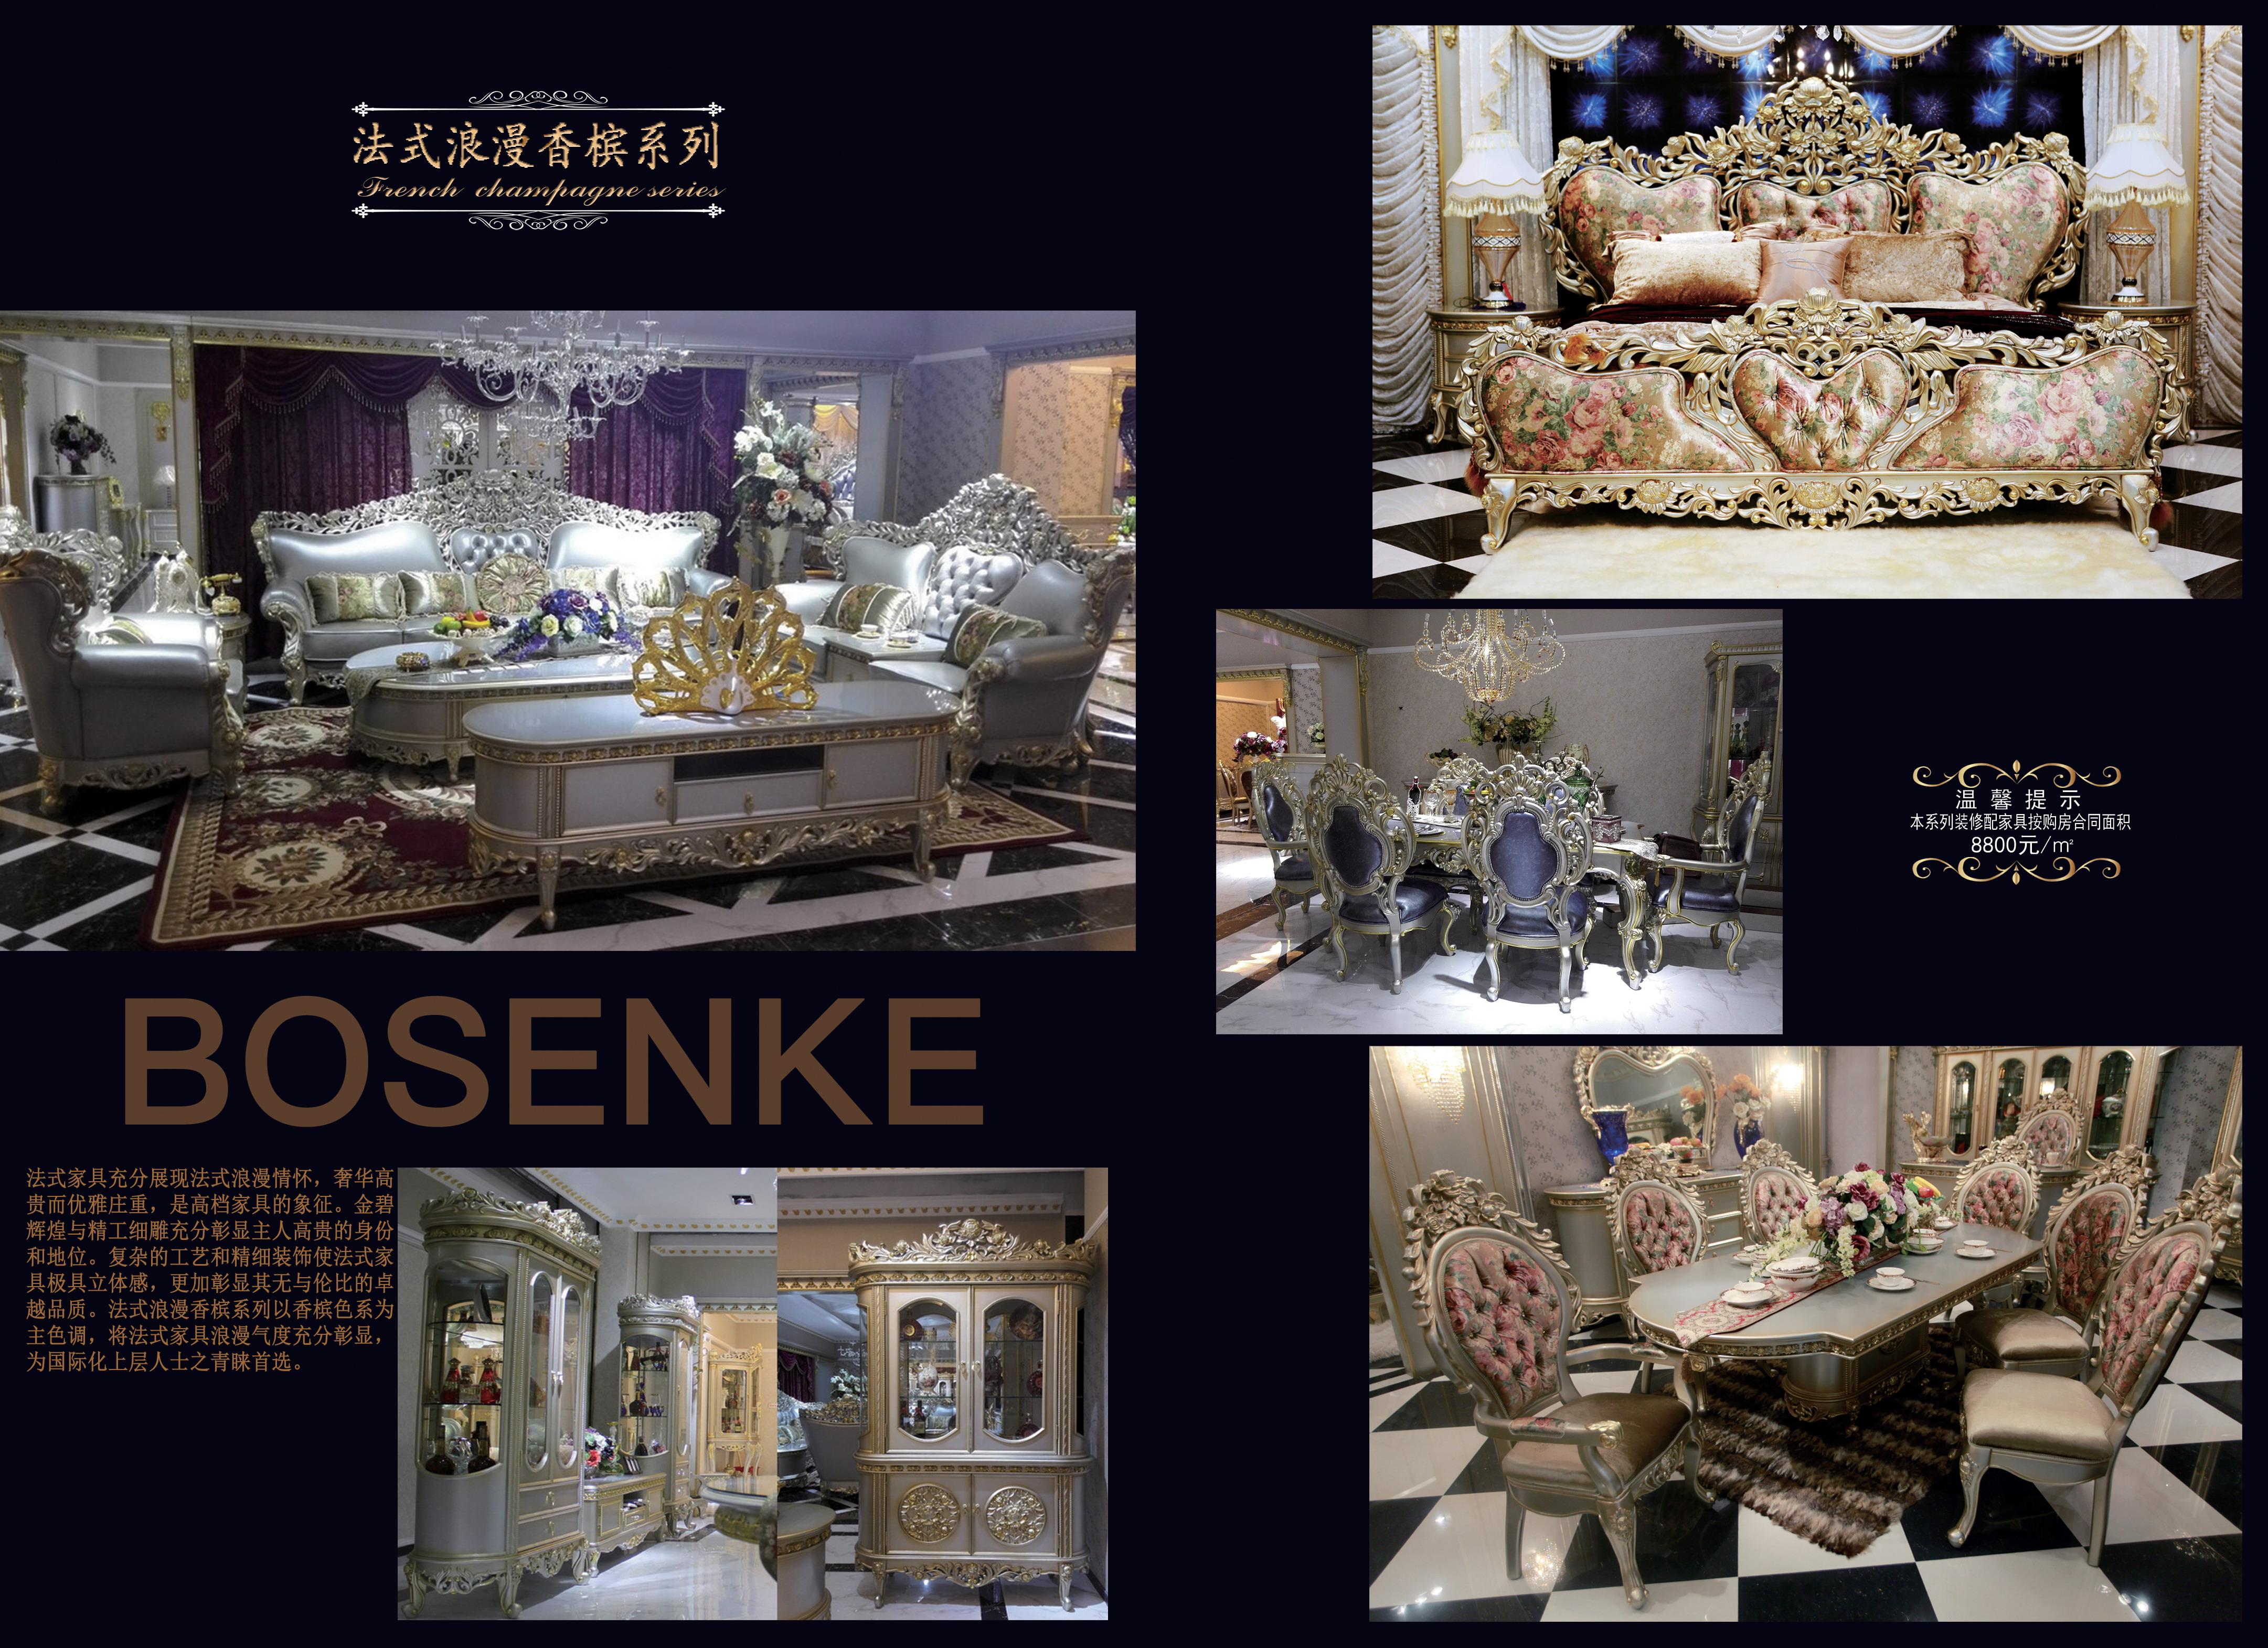 简约 欧式 法式 奢华 高贵 优雅 浪漫图片来自乐粉_20170228091152557在法式浪漫香槟风格家具赏析的分享